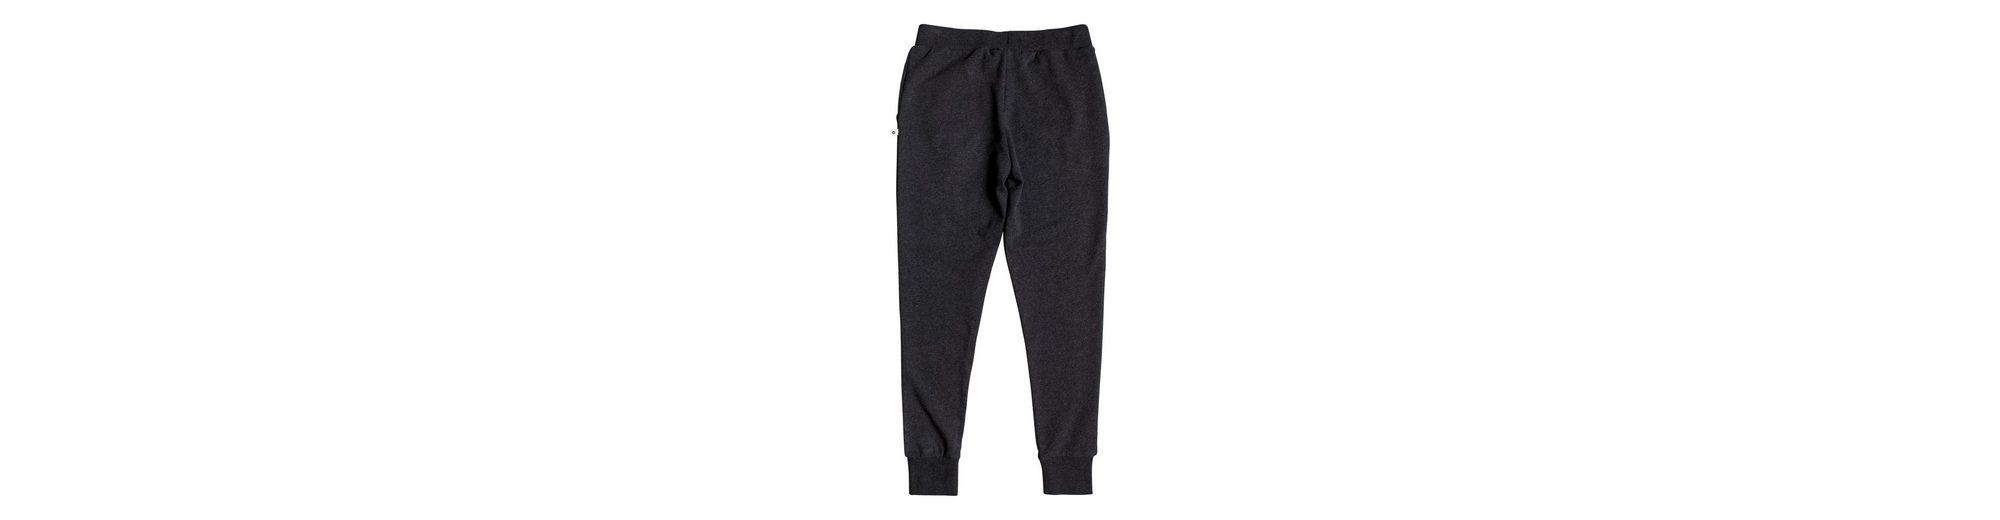 Neuer Stil Roxy Slim Fit Jogginghose Sticked With Me Mit Paypal Zahlen Online Outlet-Store Günstiger Preis Billig Verkaufen Low-Cost g7N9aV